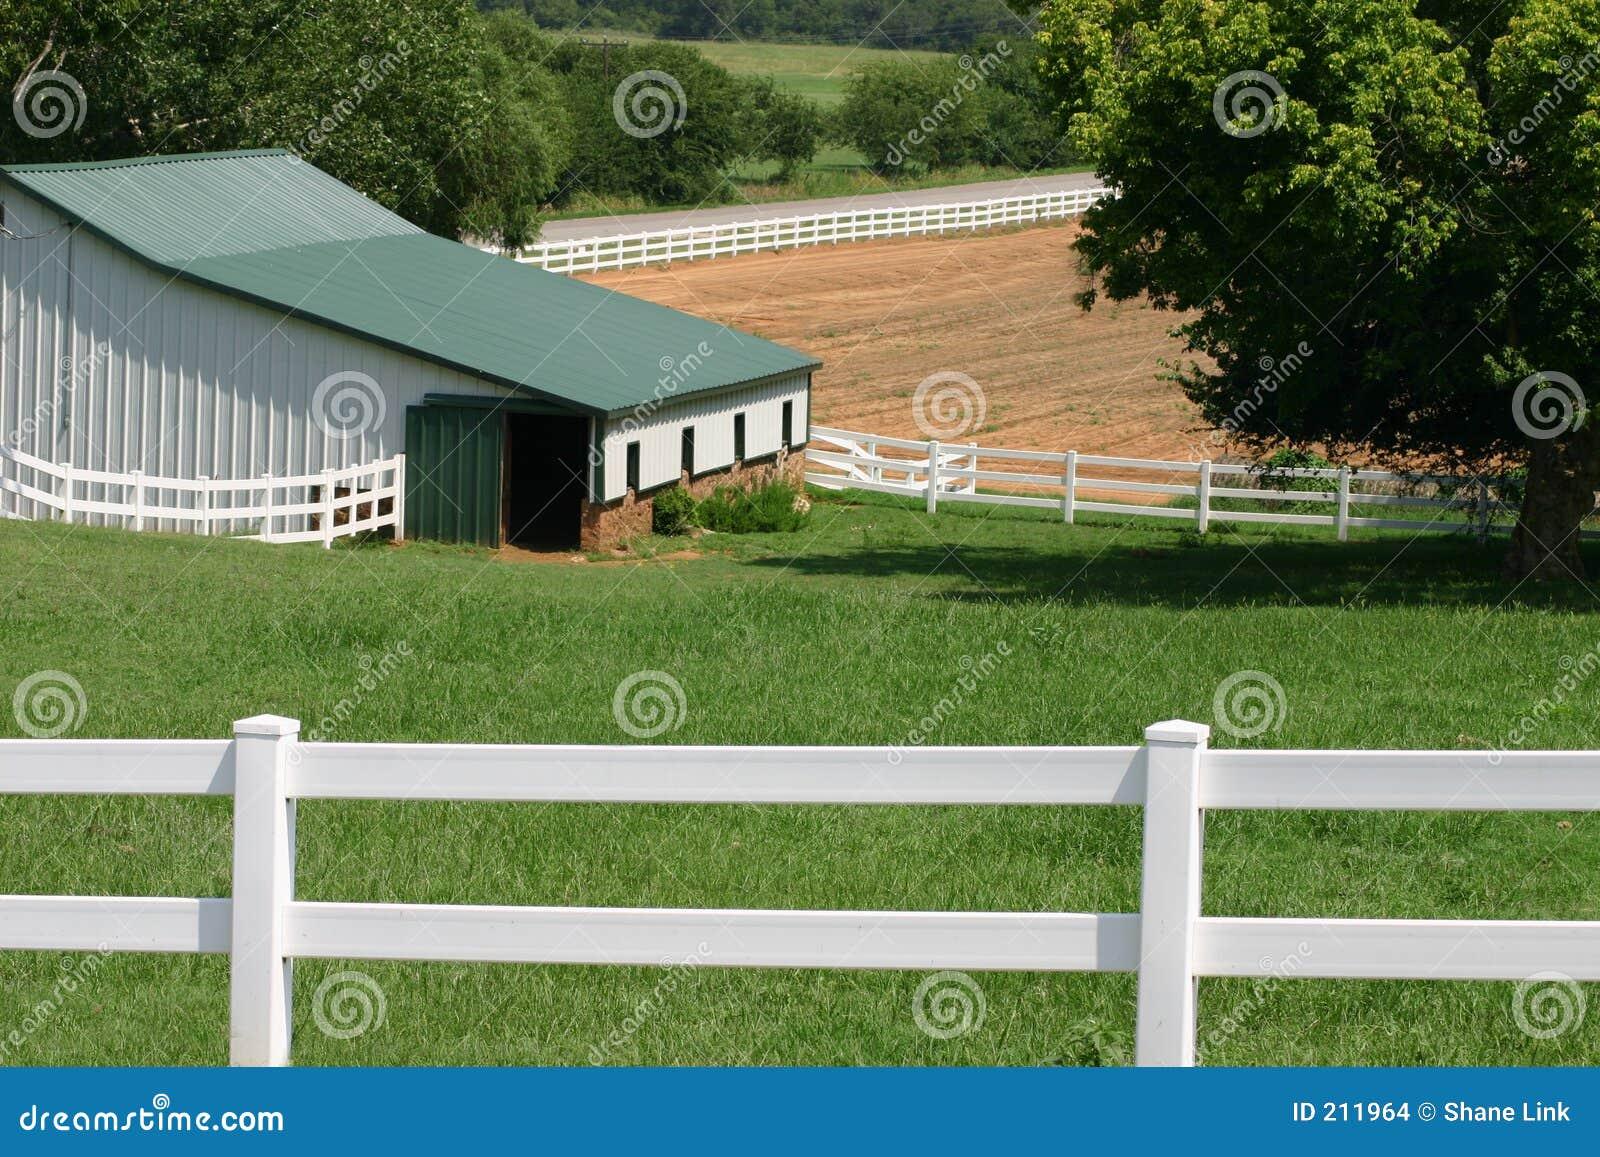 Oklahoma ranch